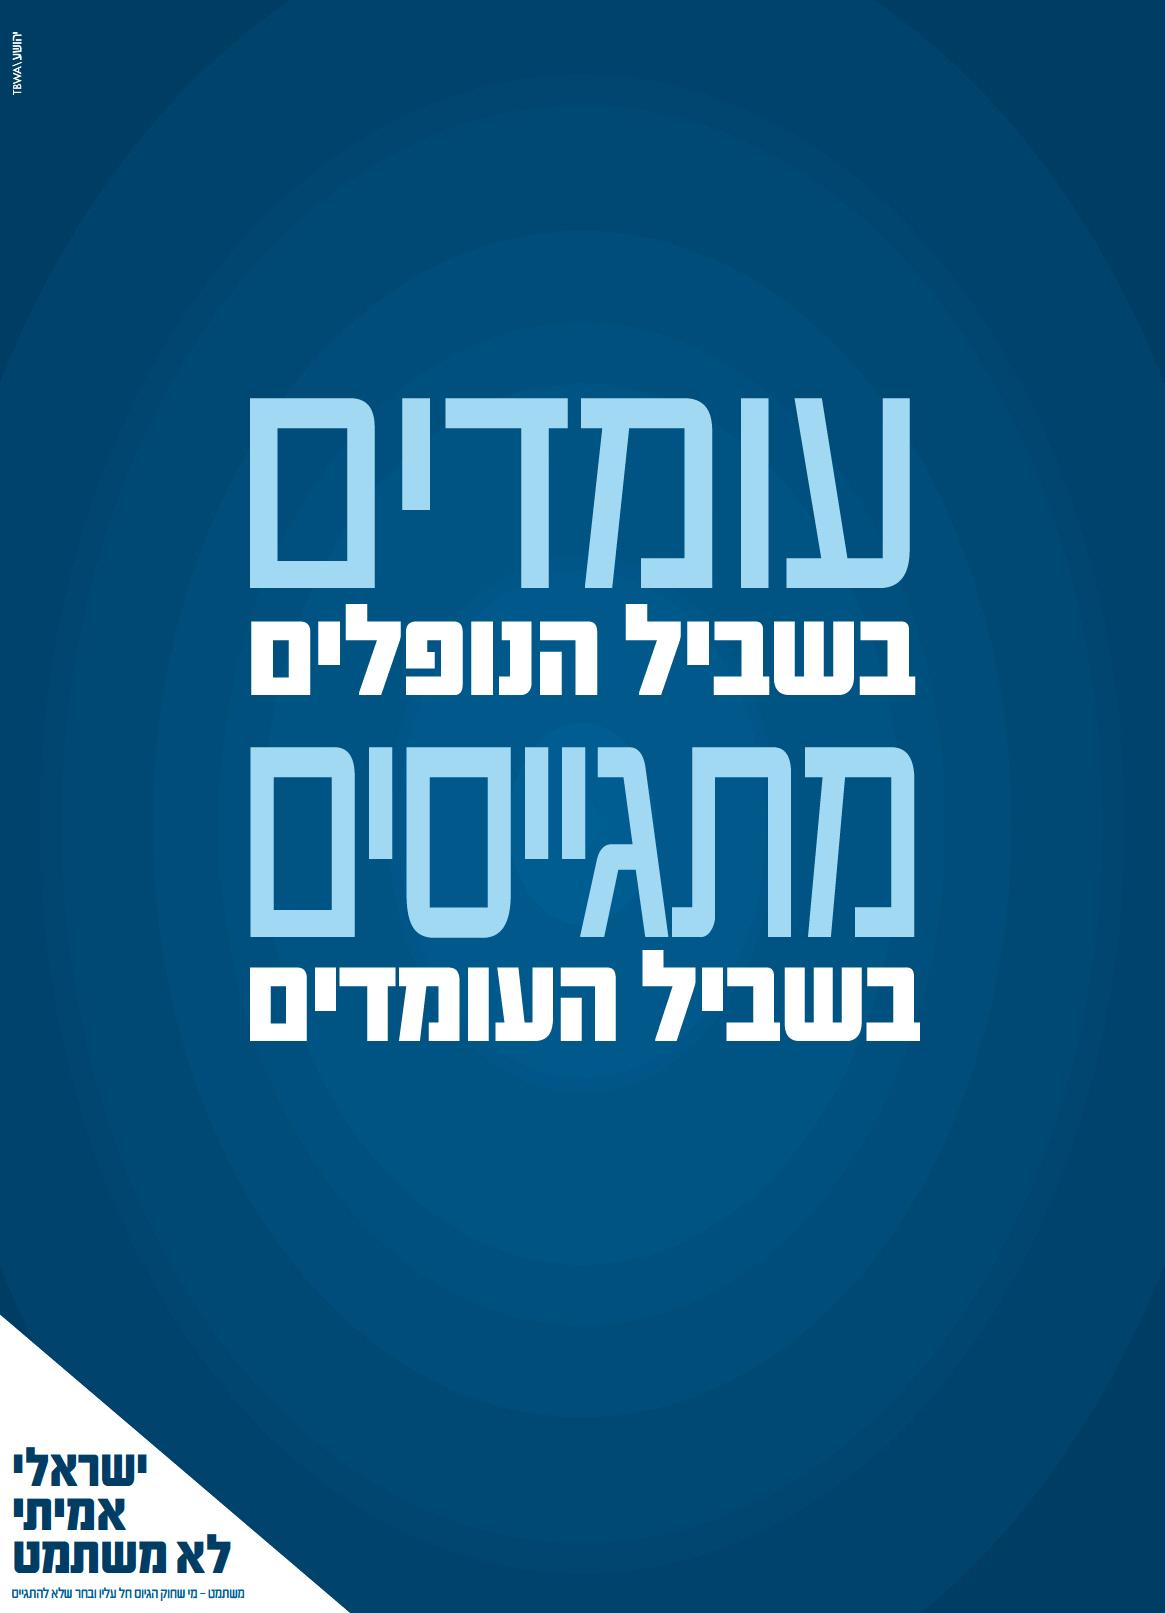 ישראלי אמיתי לא משתמט - עומדים בשביל הנופלים, מתגייסים בשביל העומדים